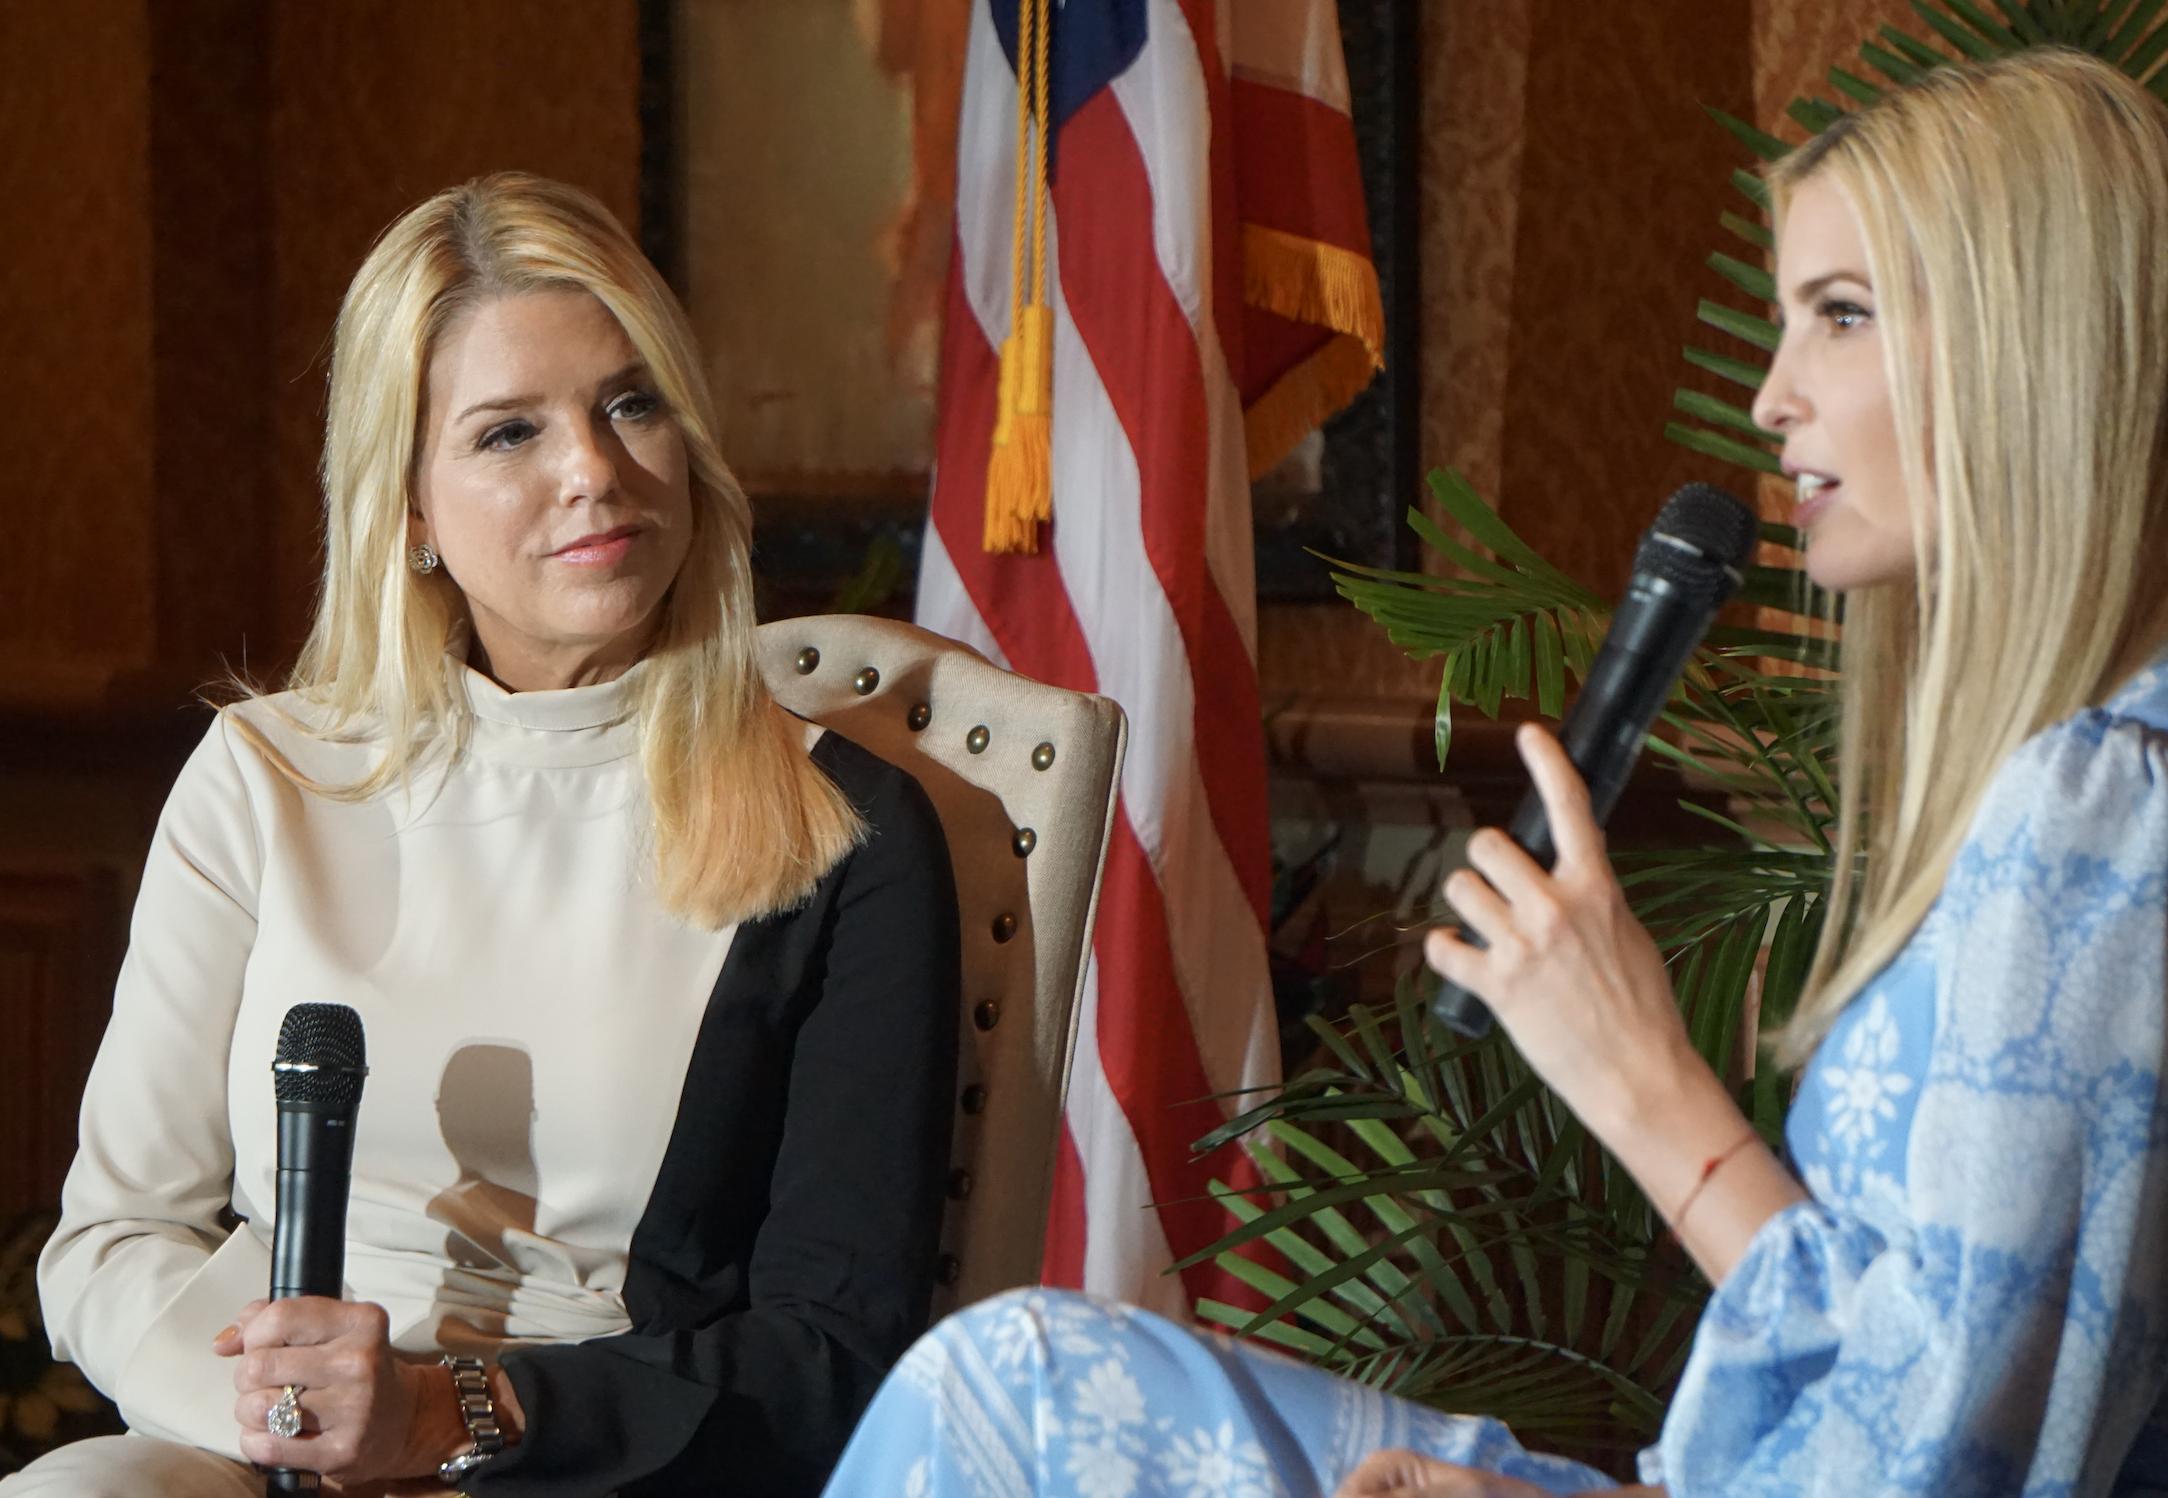 Ivanka Trump, Pam Bondi will not challenge Rubio in 2022